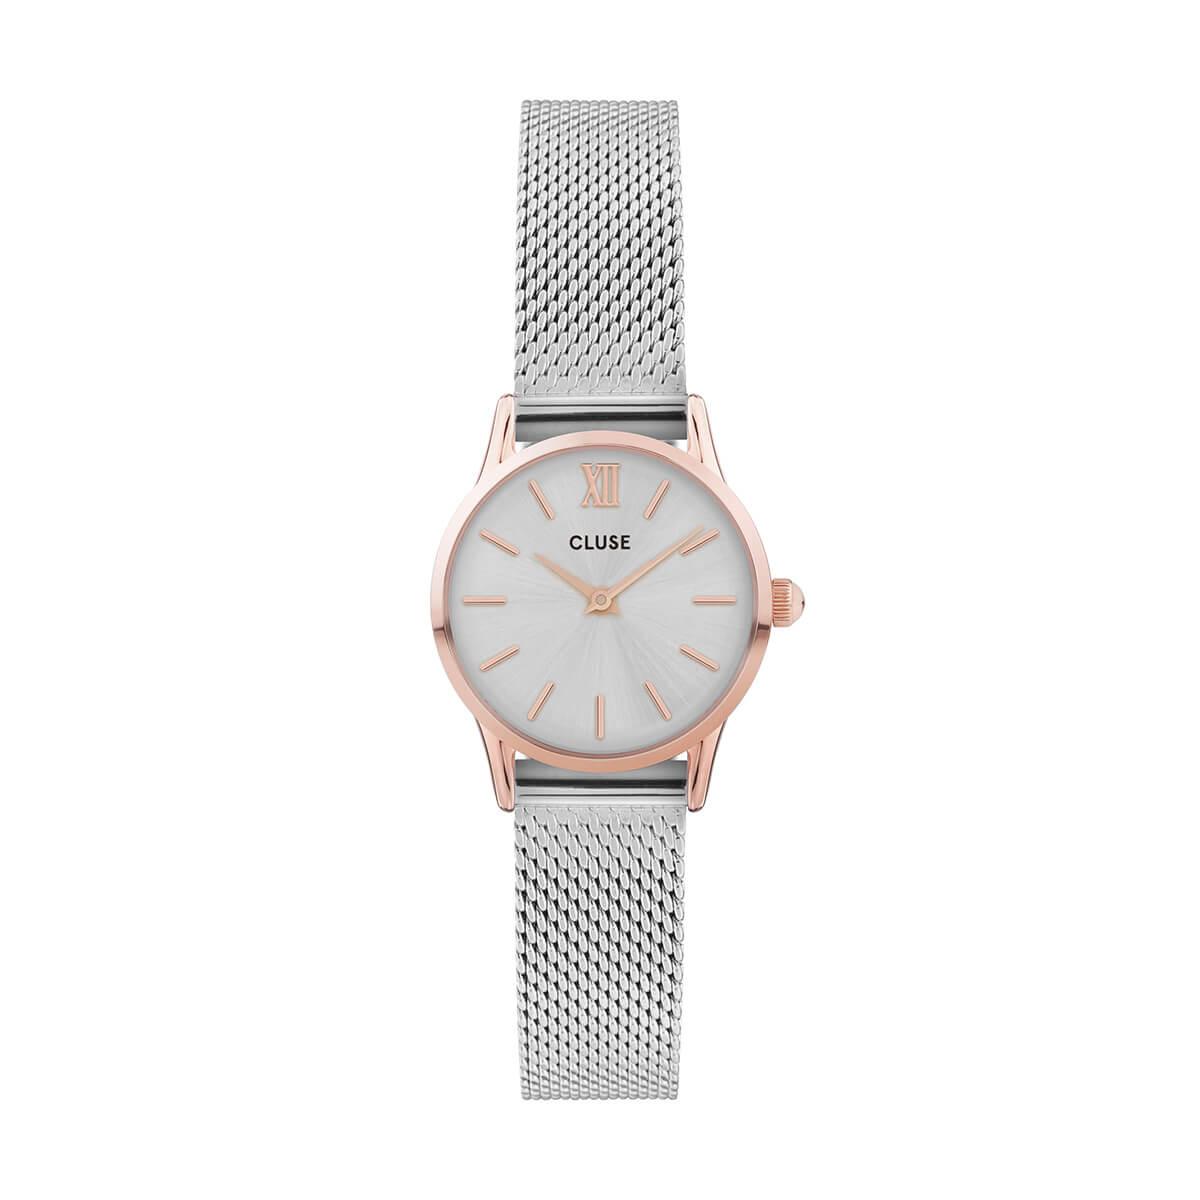 浜辺美波 着用 24mm - CW0101206004 ラ・ヴェデット メッシュ ローズゴールド シルバー シルバー CLUSE クルース 腕時計